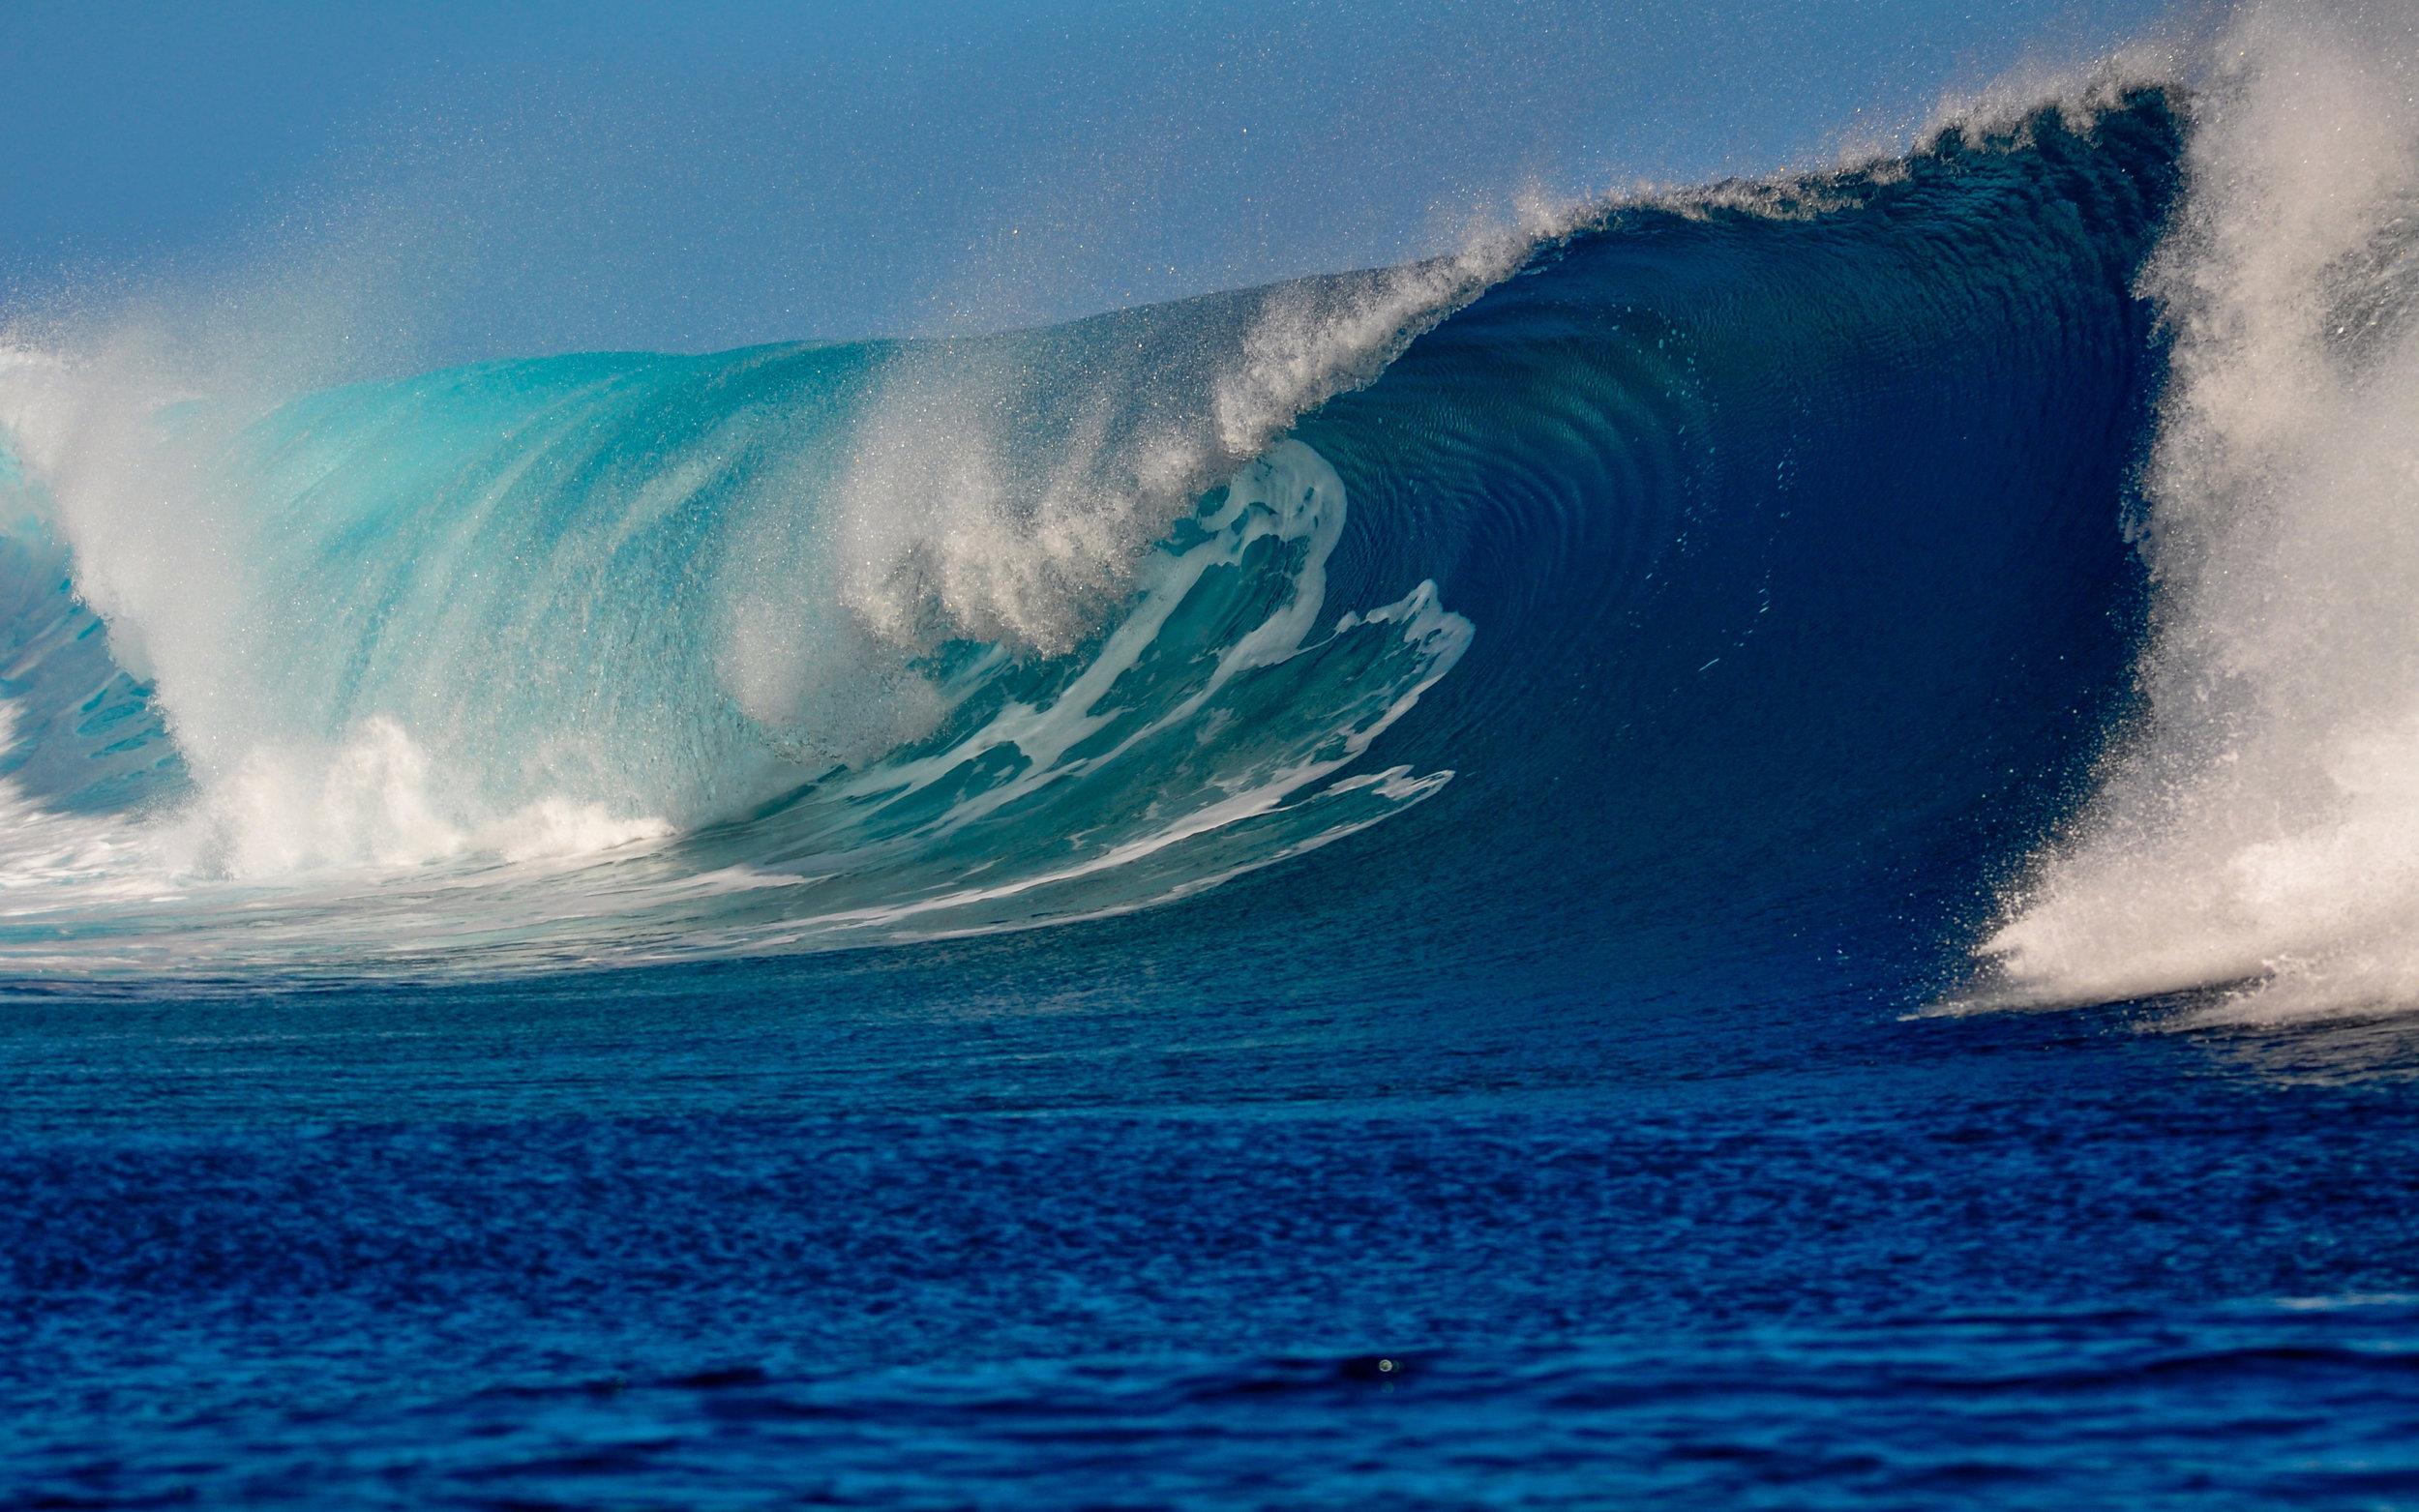 Ocean-Sea-Big-Wave-Splash-Wallpapers.jpg